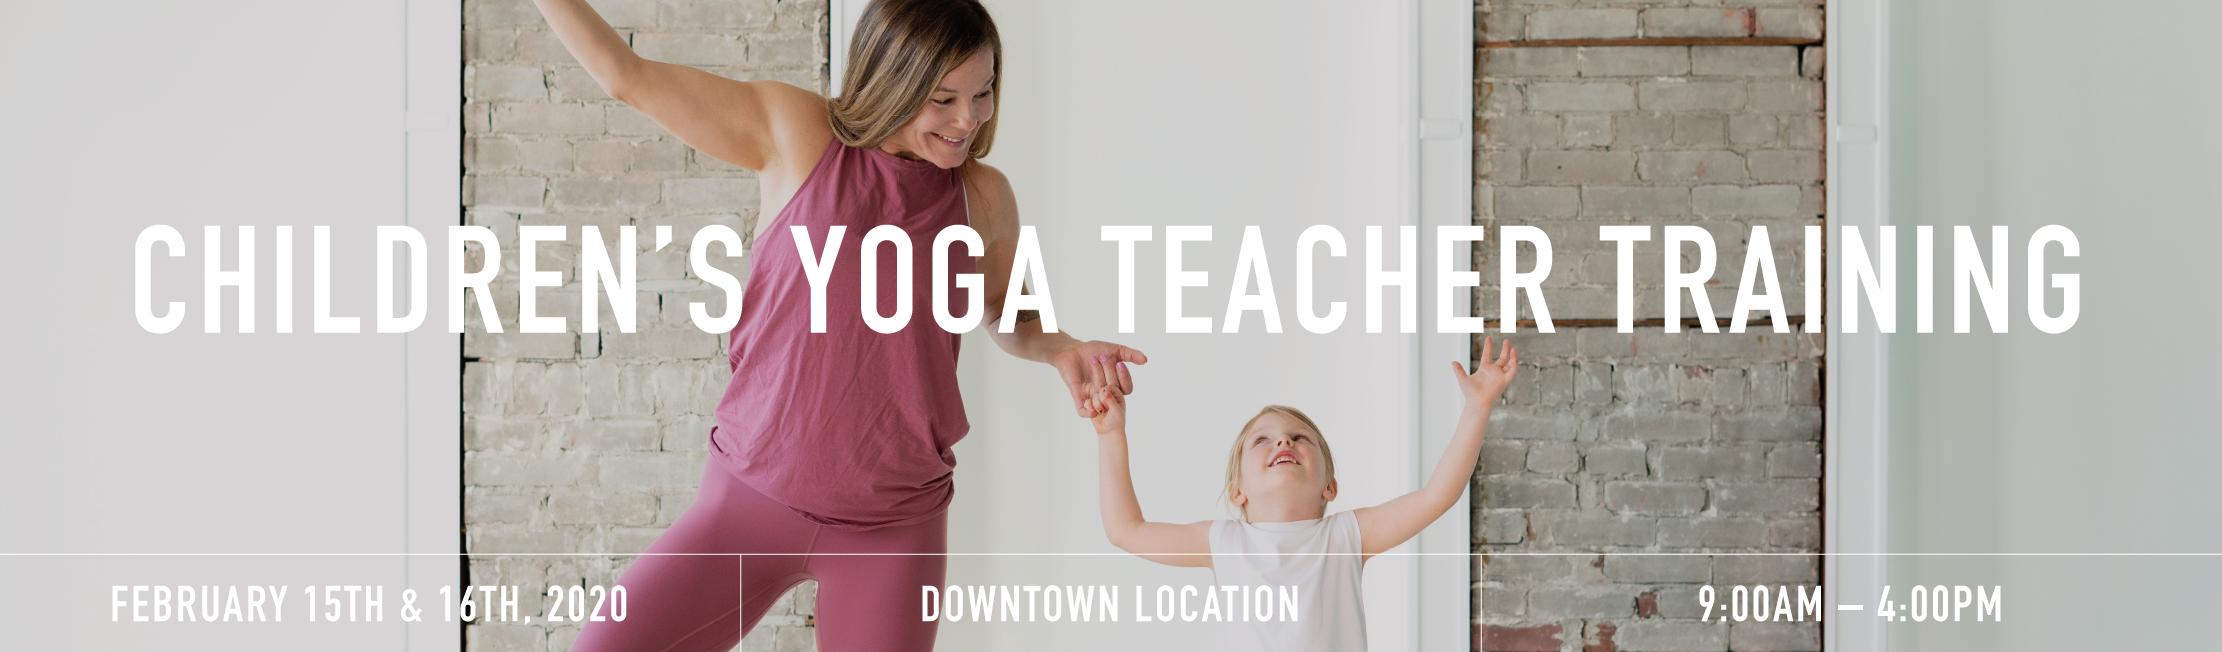 Children yoga teacher training banner